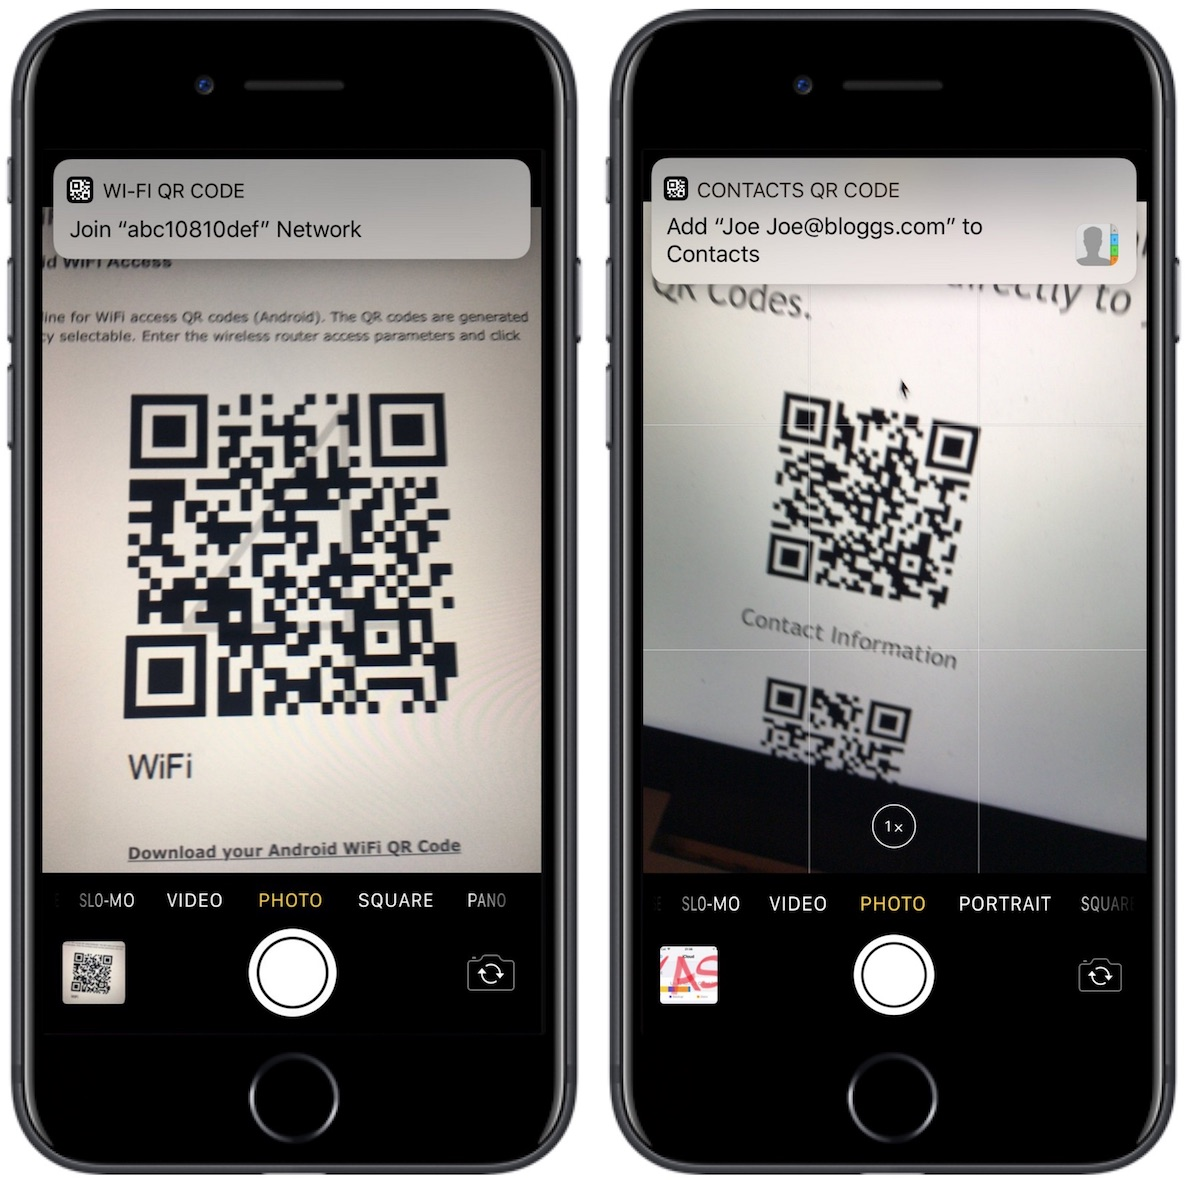 Fotocamera iOS 11 codici QR